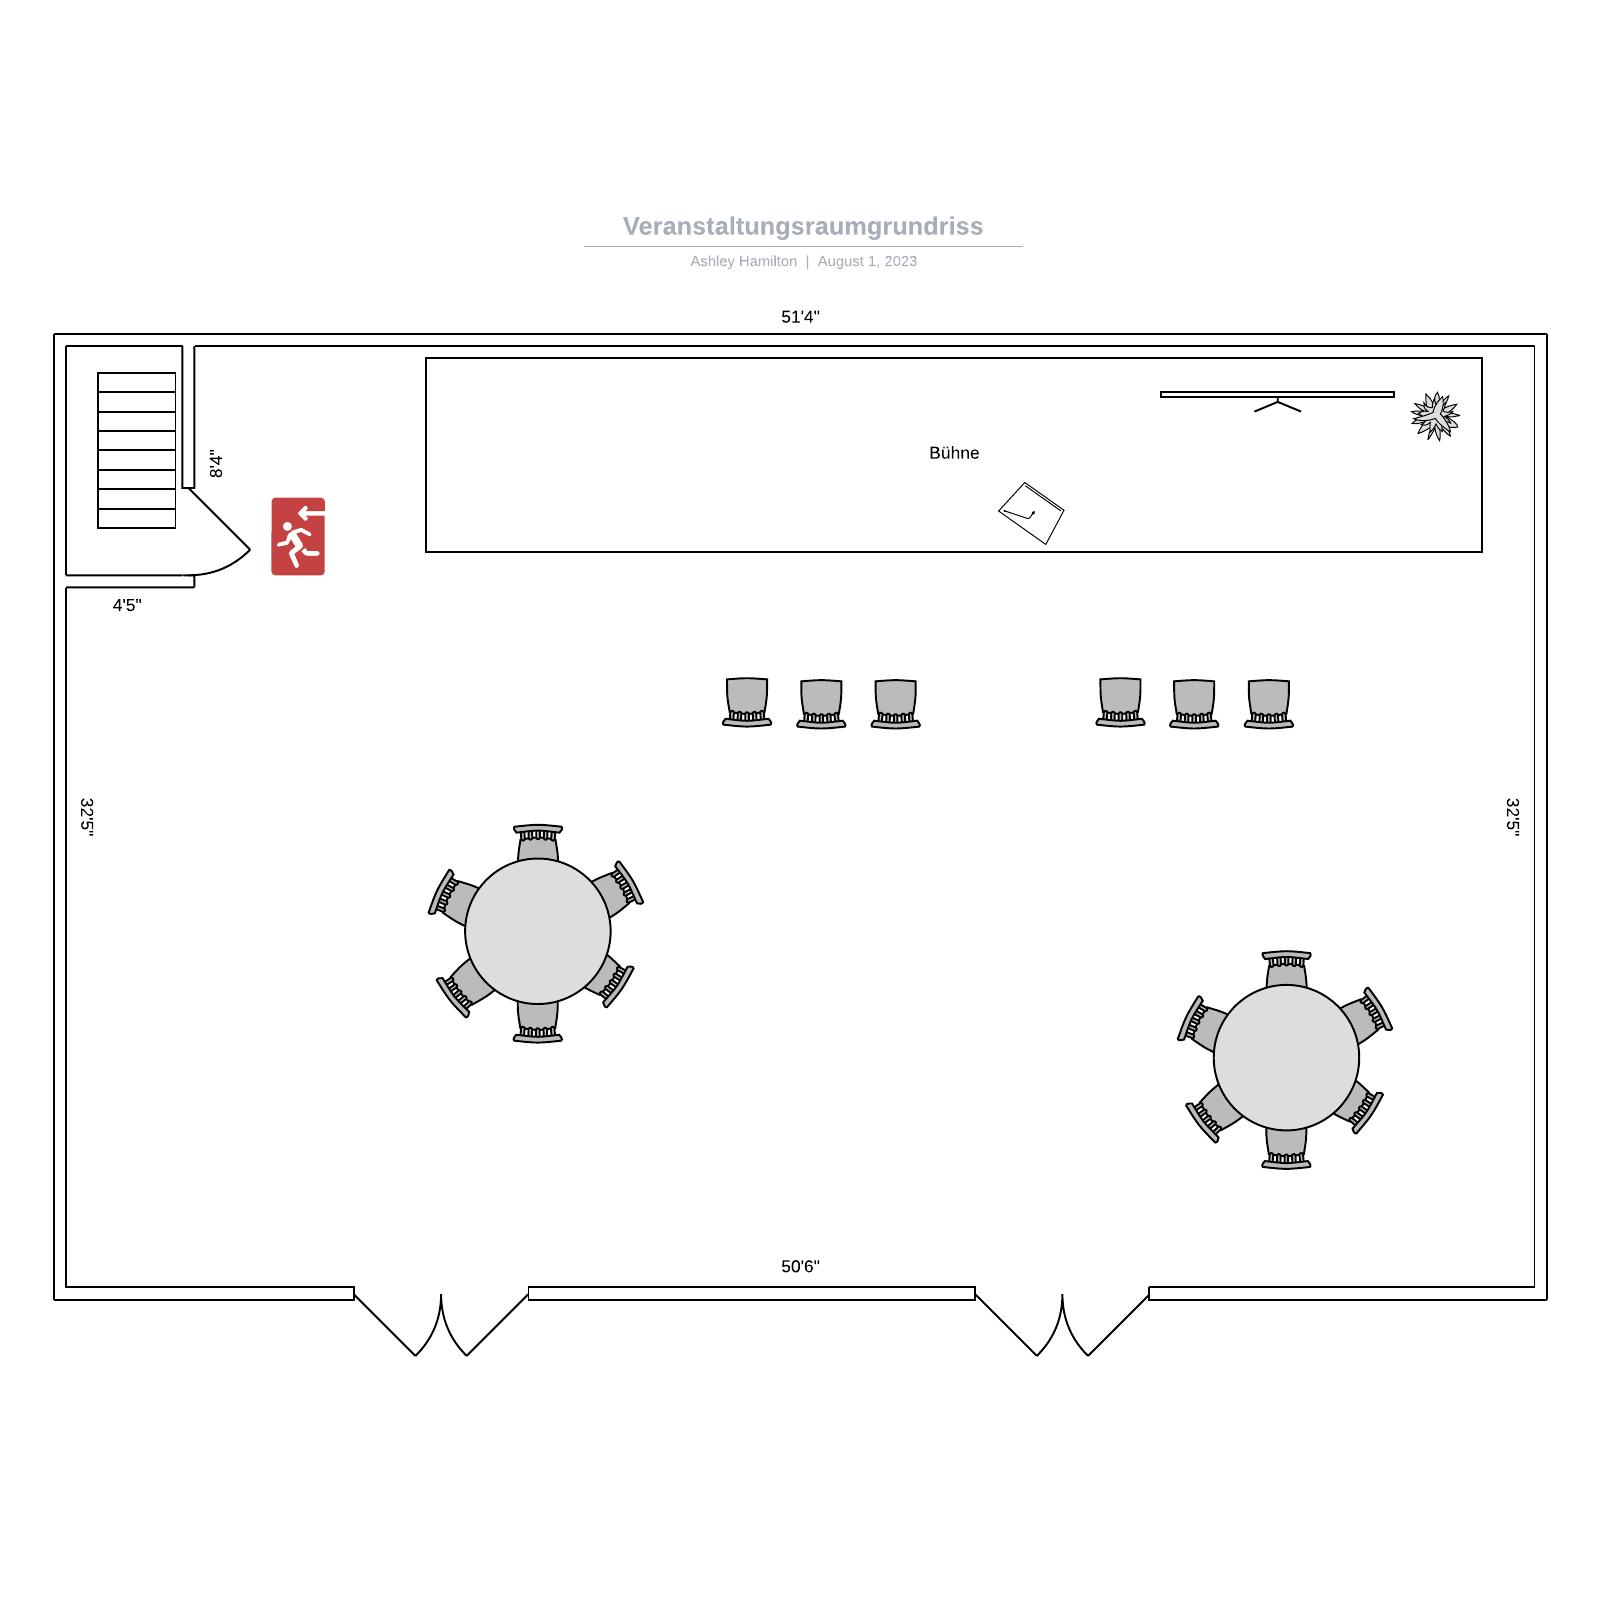 Veranstaltungsraum-Grundriss - Vorlage